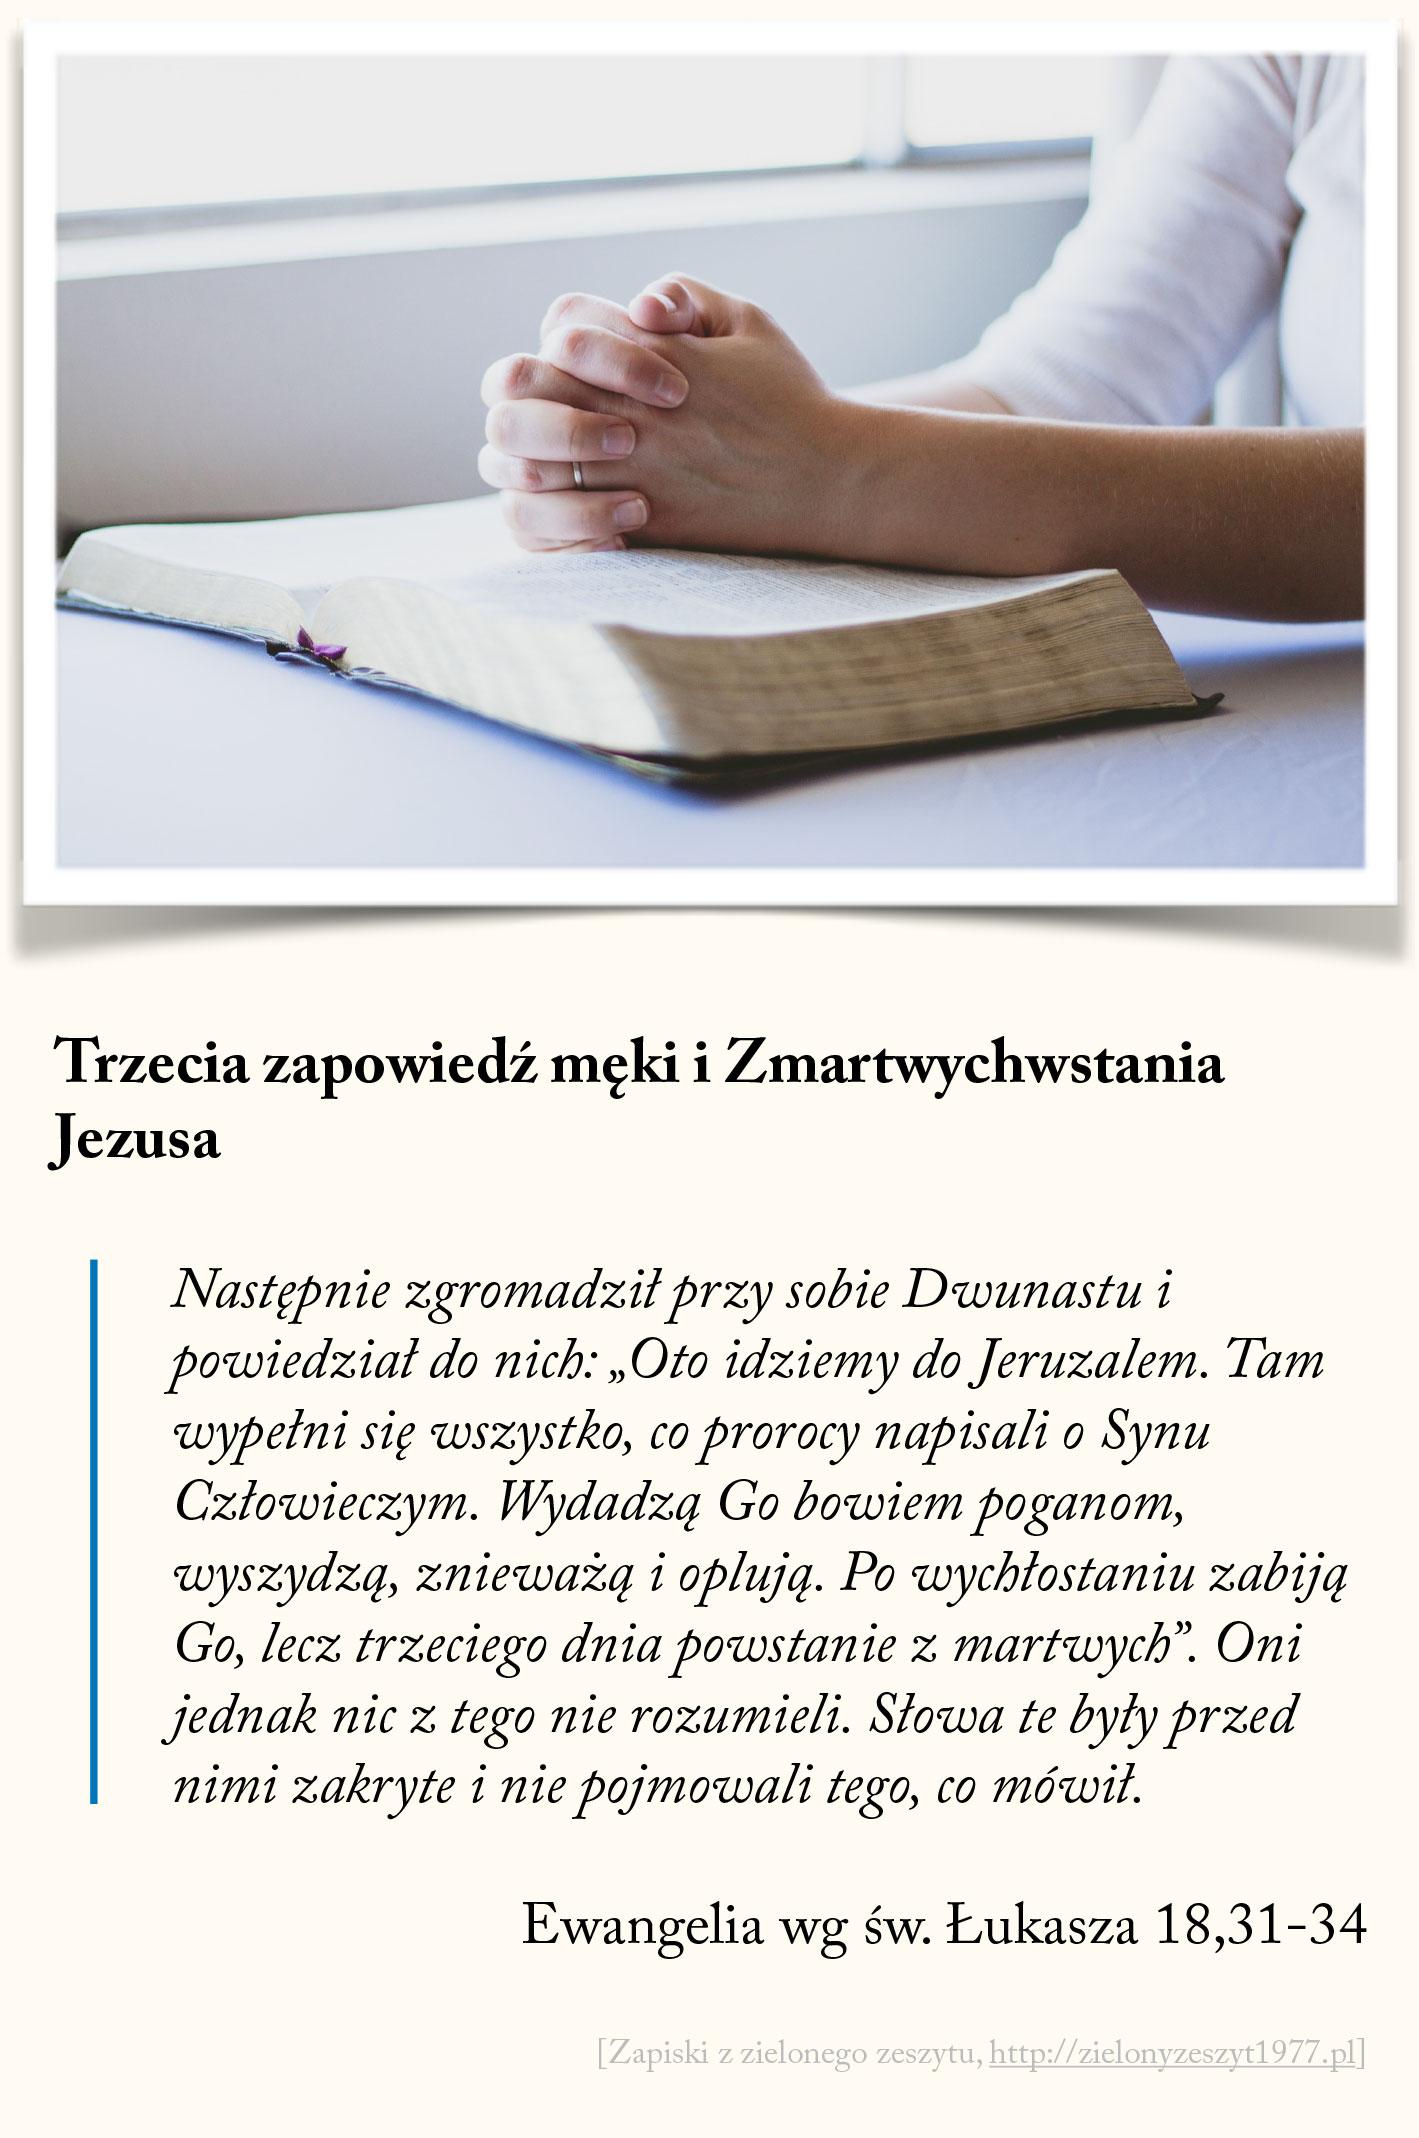 Trzecia zapowiedź męki i Zmartwychwstania Jezusa, Ewangelia wg św. Łukasza